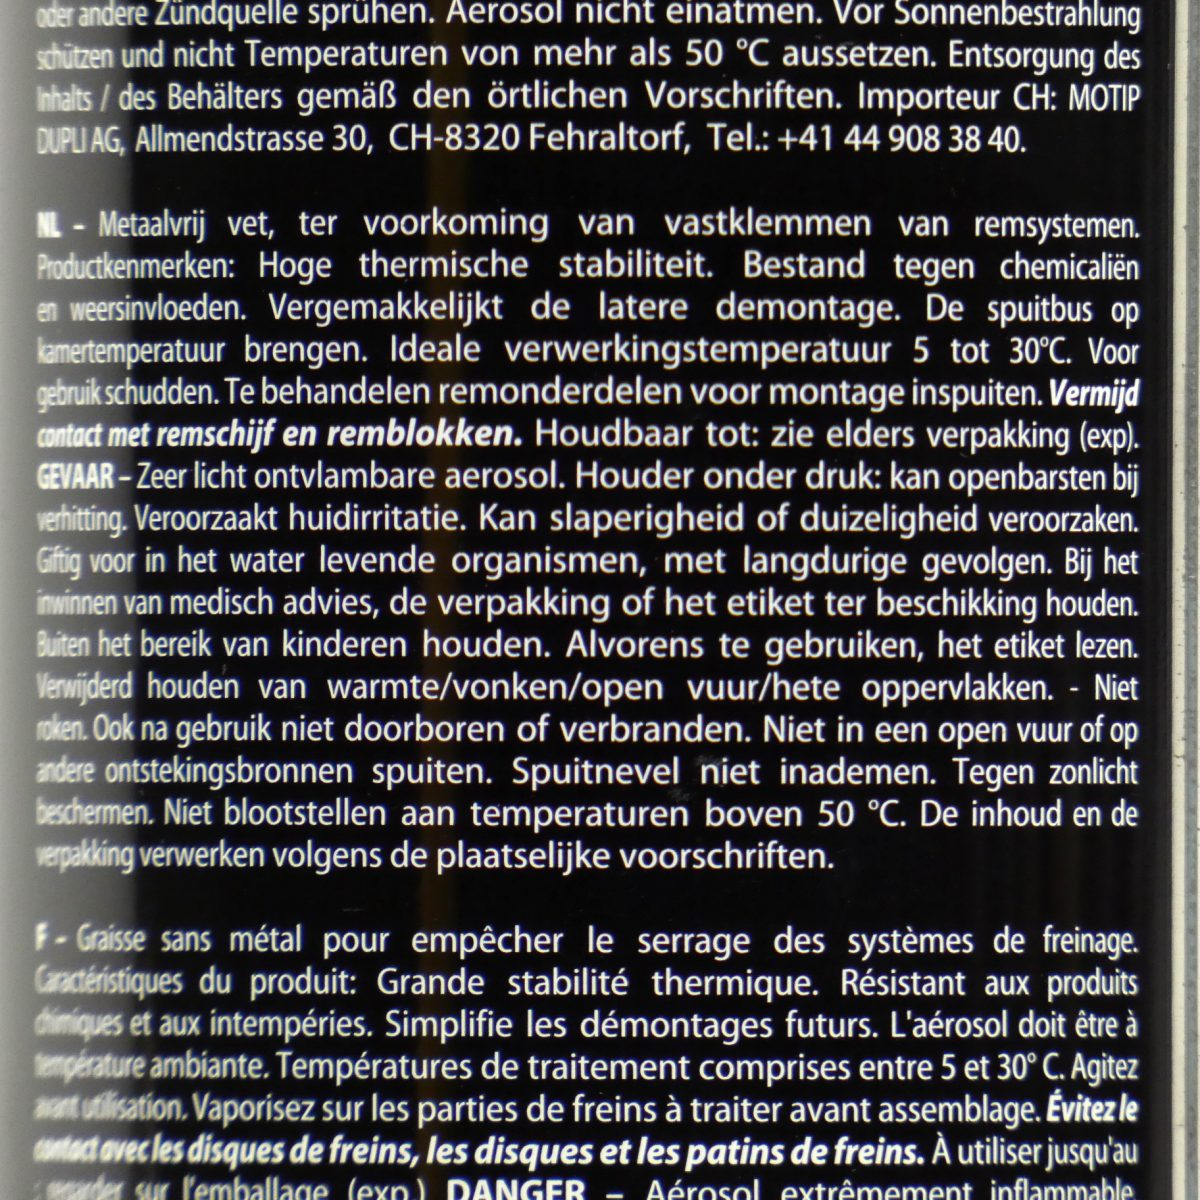 motip-090310-rem-montage-vet-drachten-oosterwolde-dosgros